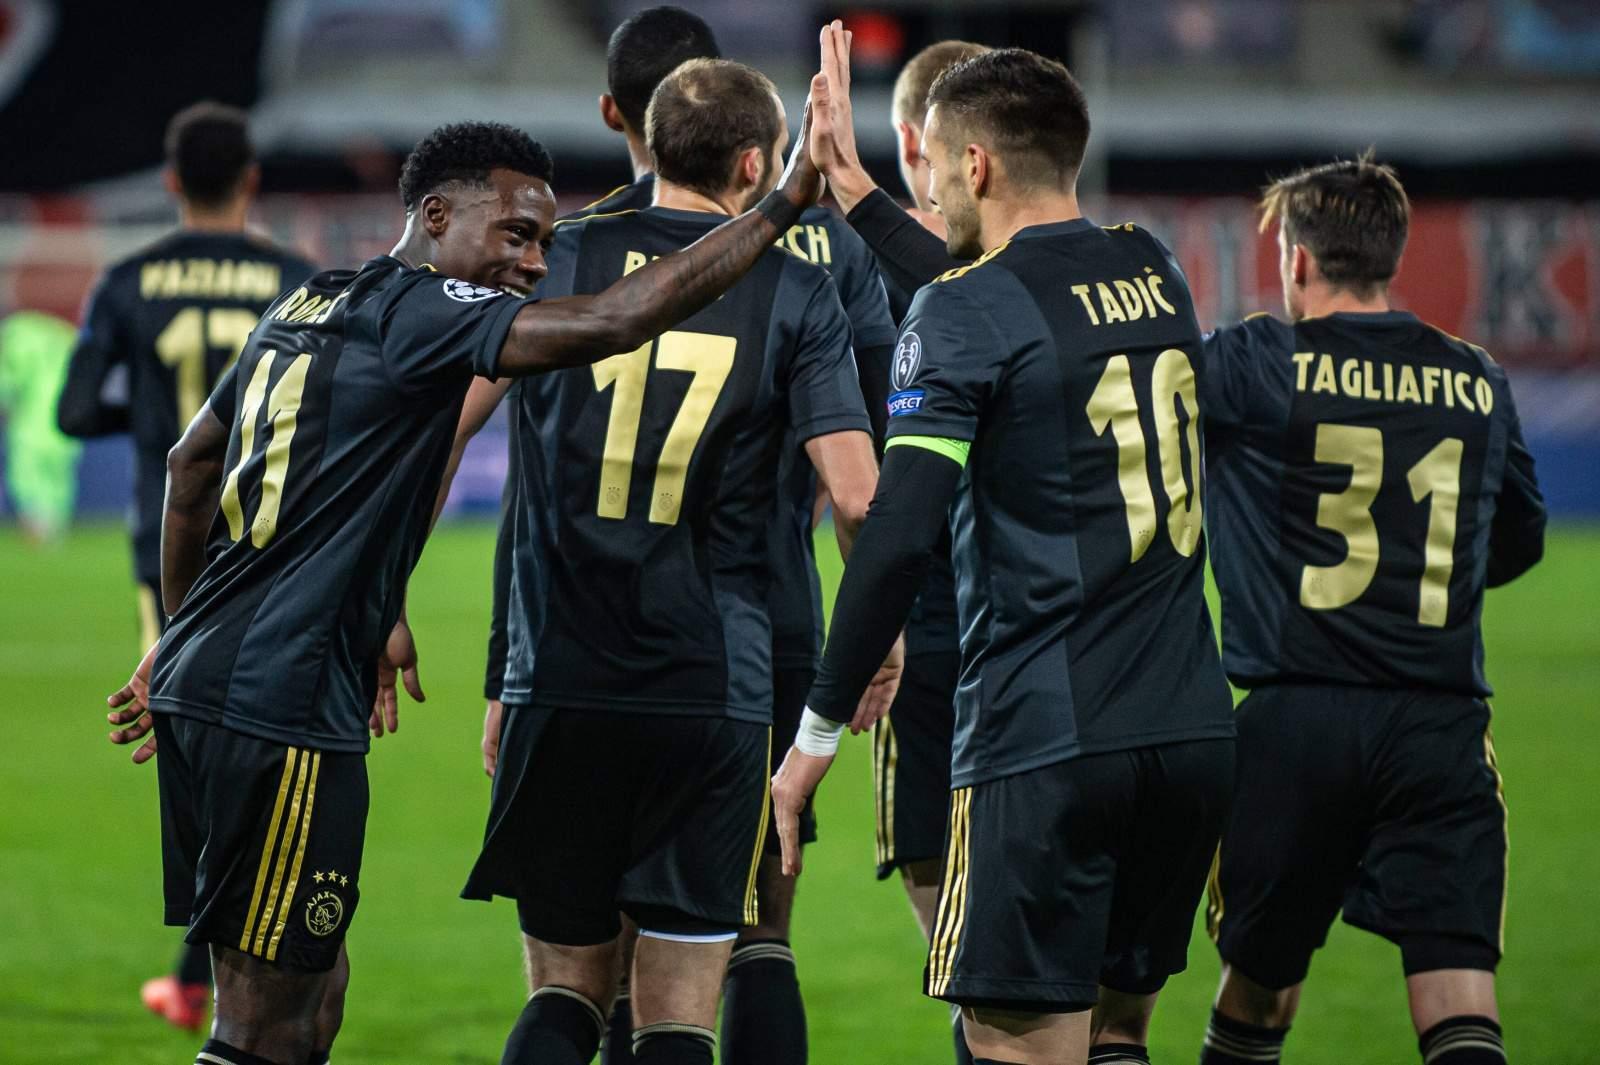 УЕФА заставил «Аякс» изменить форму, созданную в честь Боба Марли